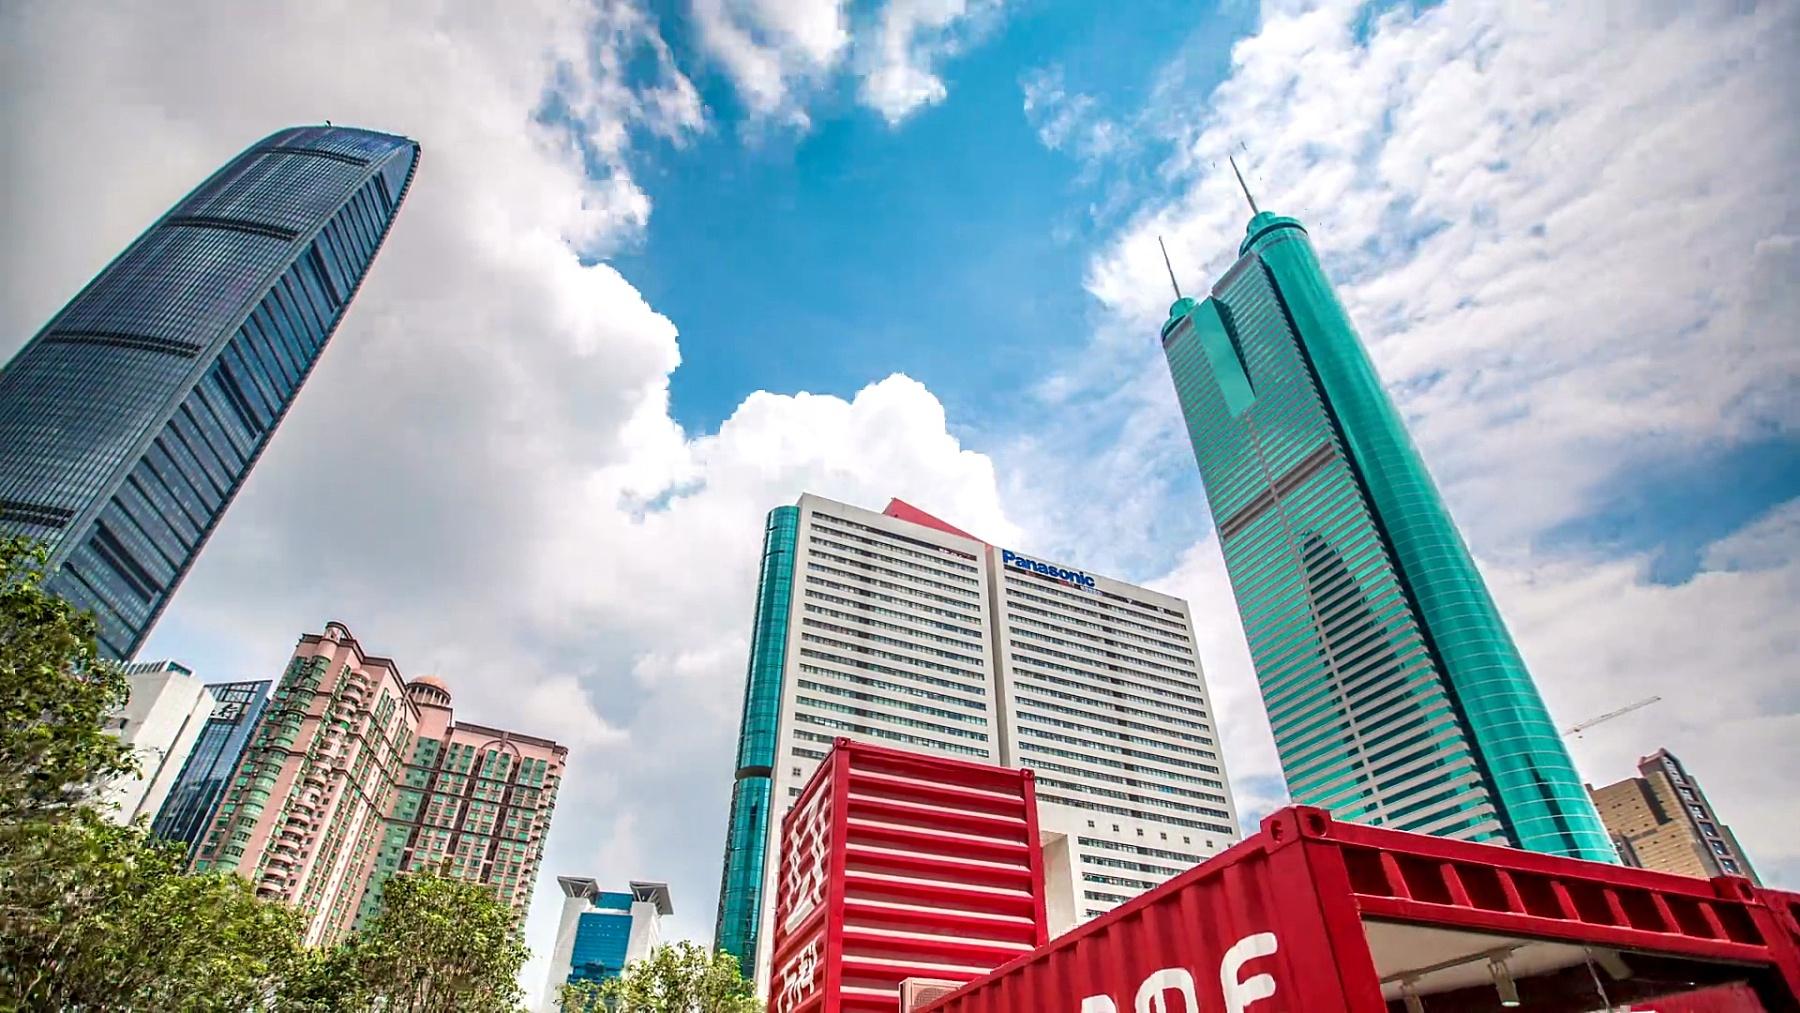 深圳最高建筑的Timelapse视频